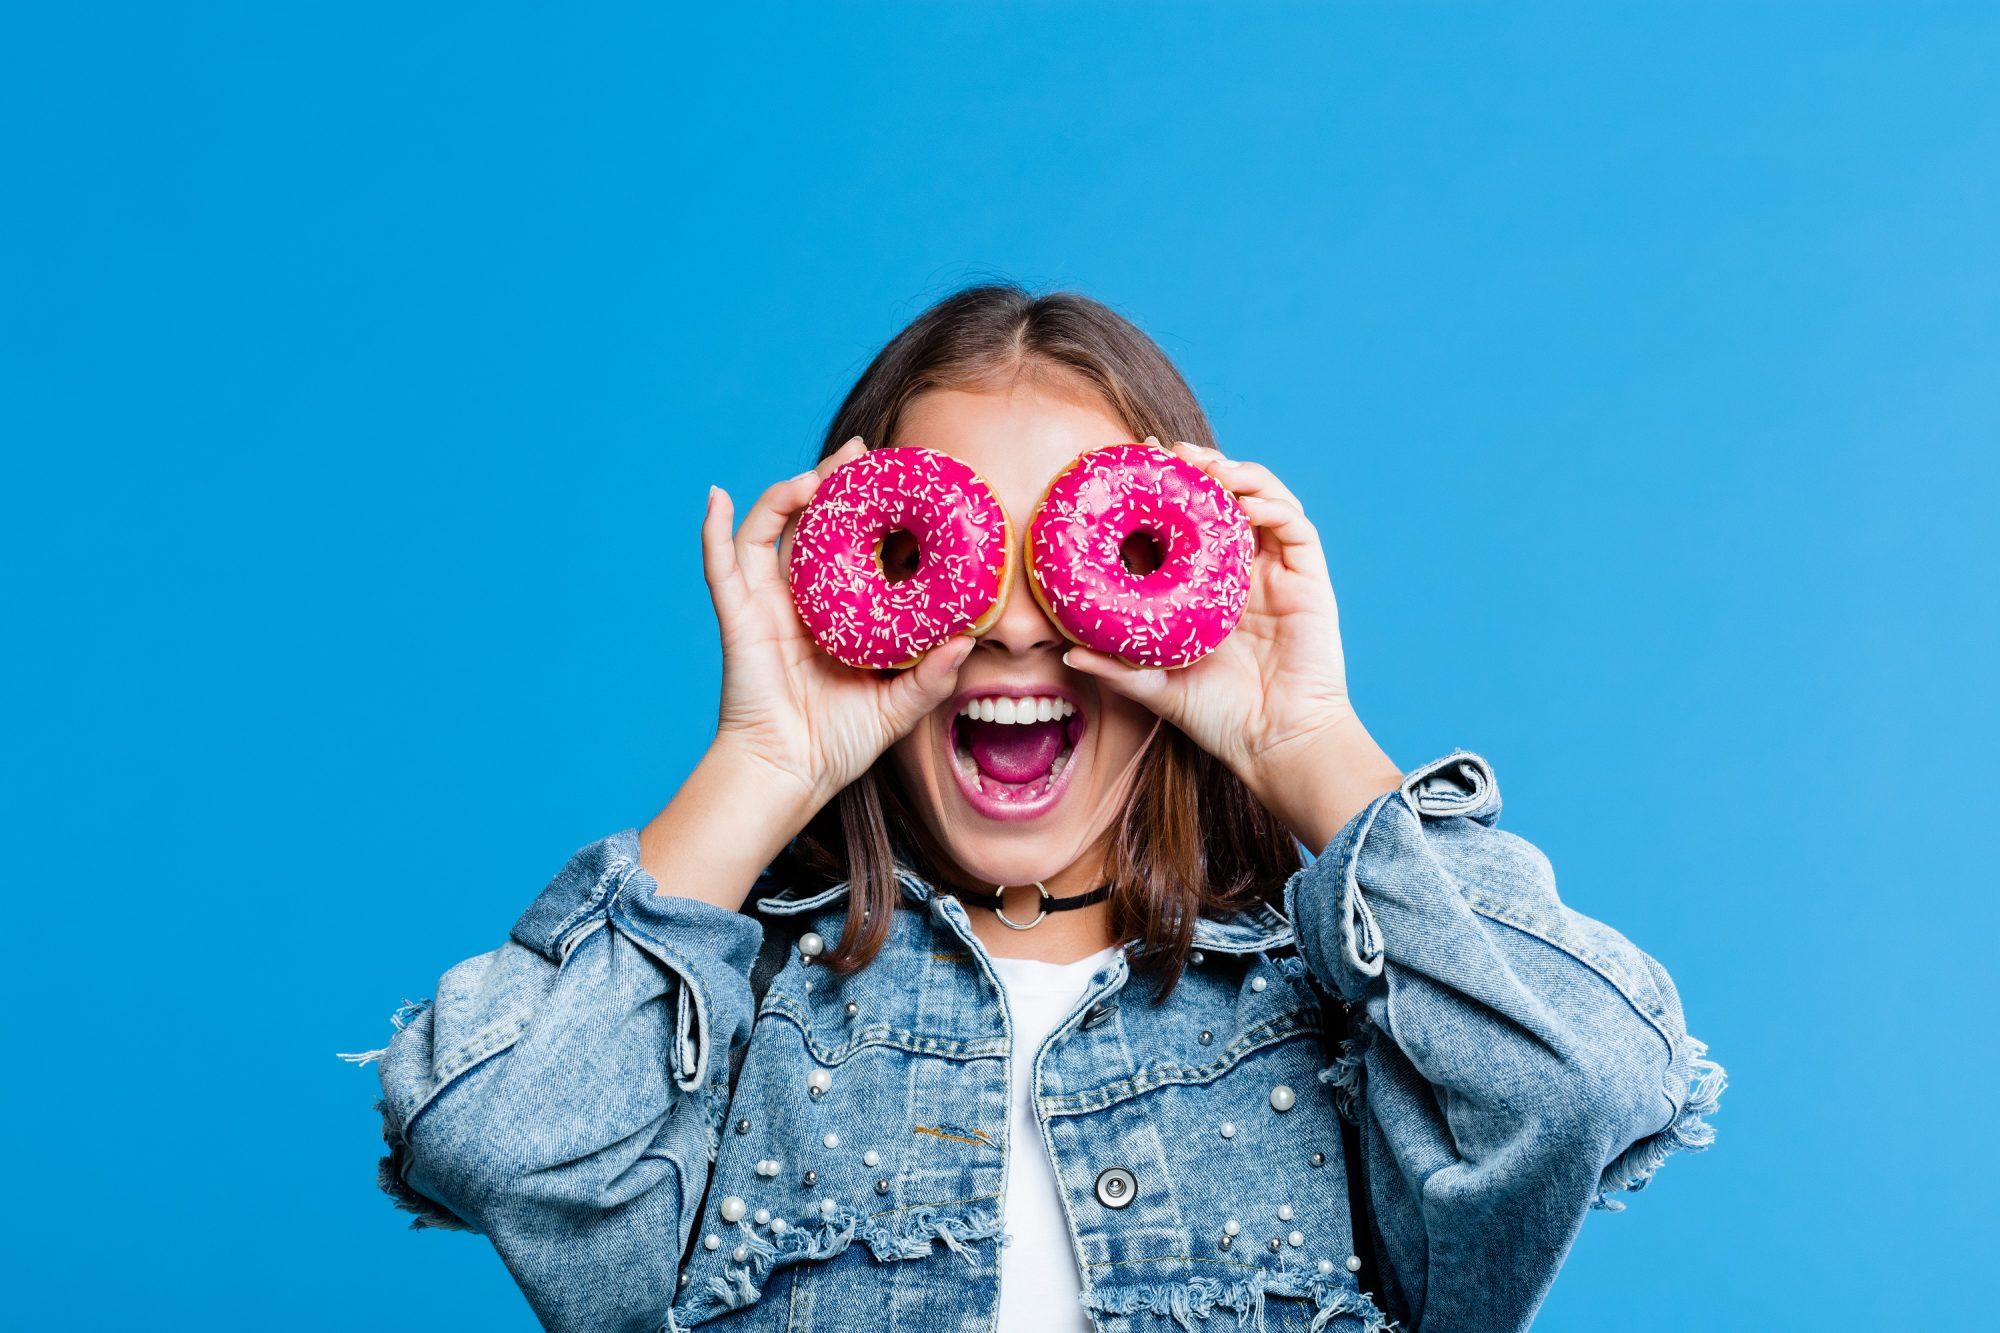 5 φυσικά γλυκαντικά για να εσένα που προσπαθείς να αντικαταστήσεις τη ζάχαρη